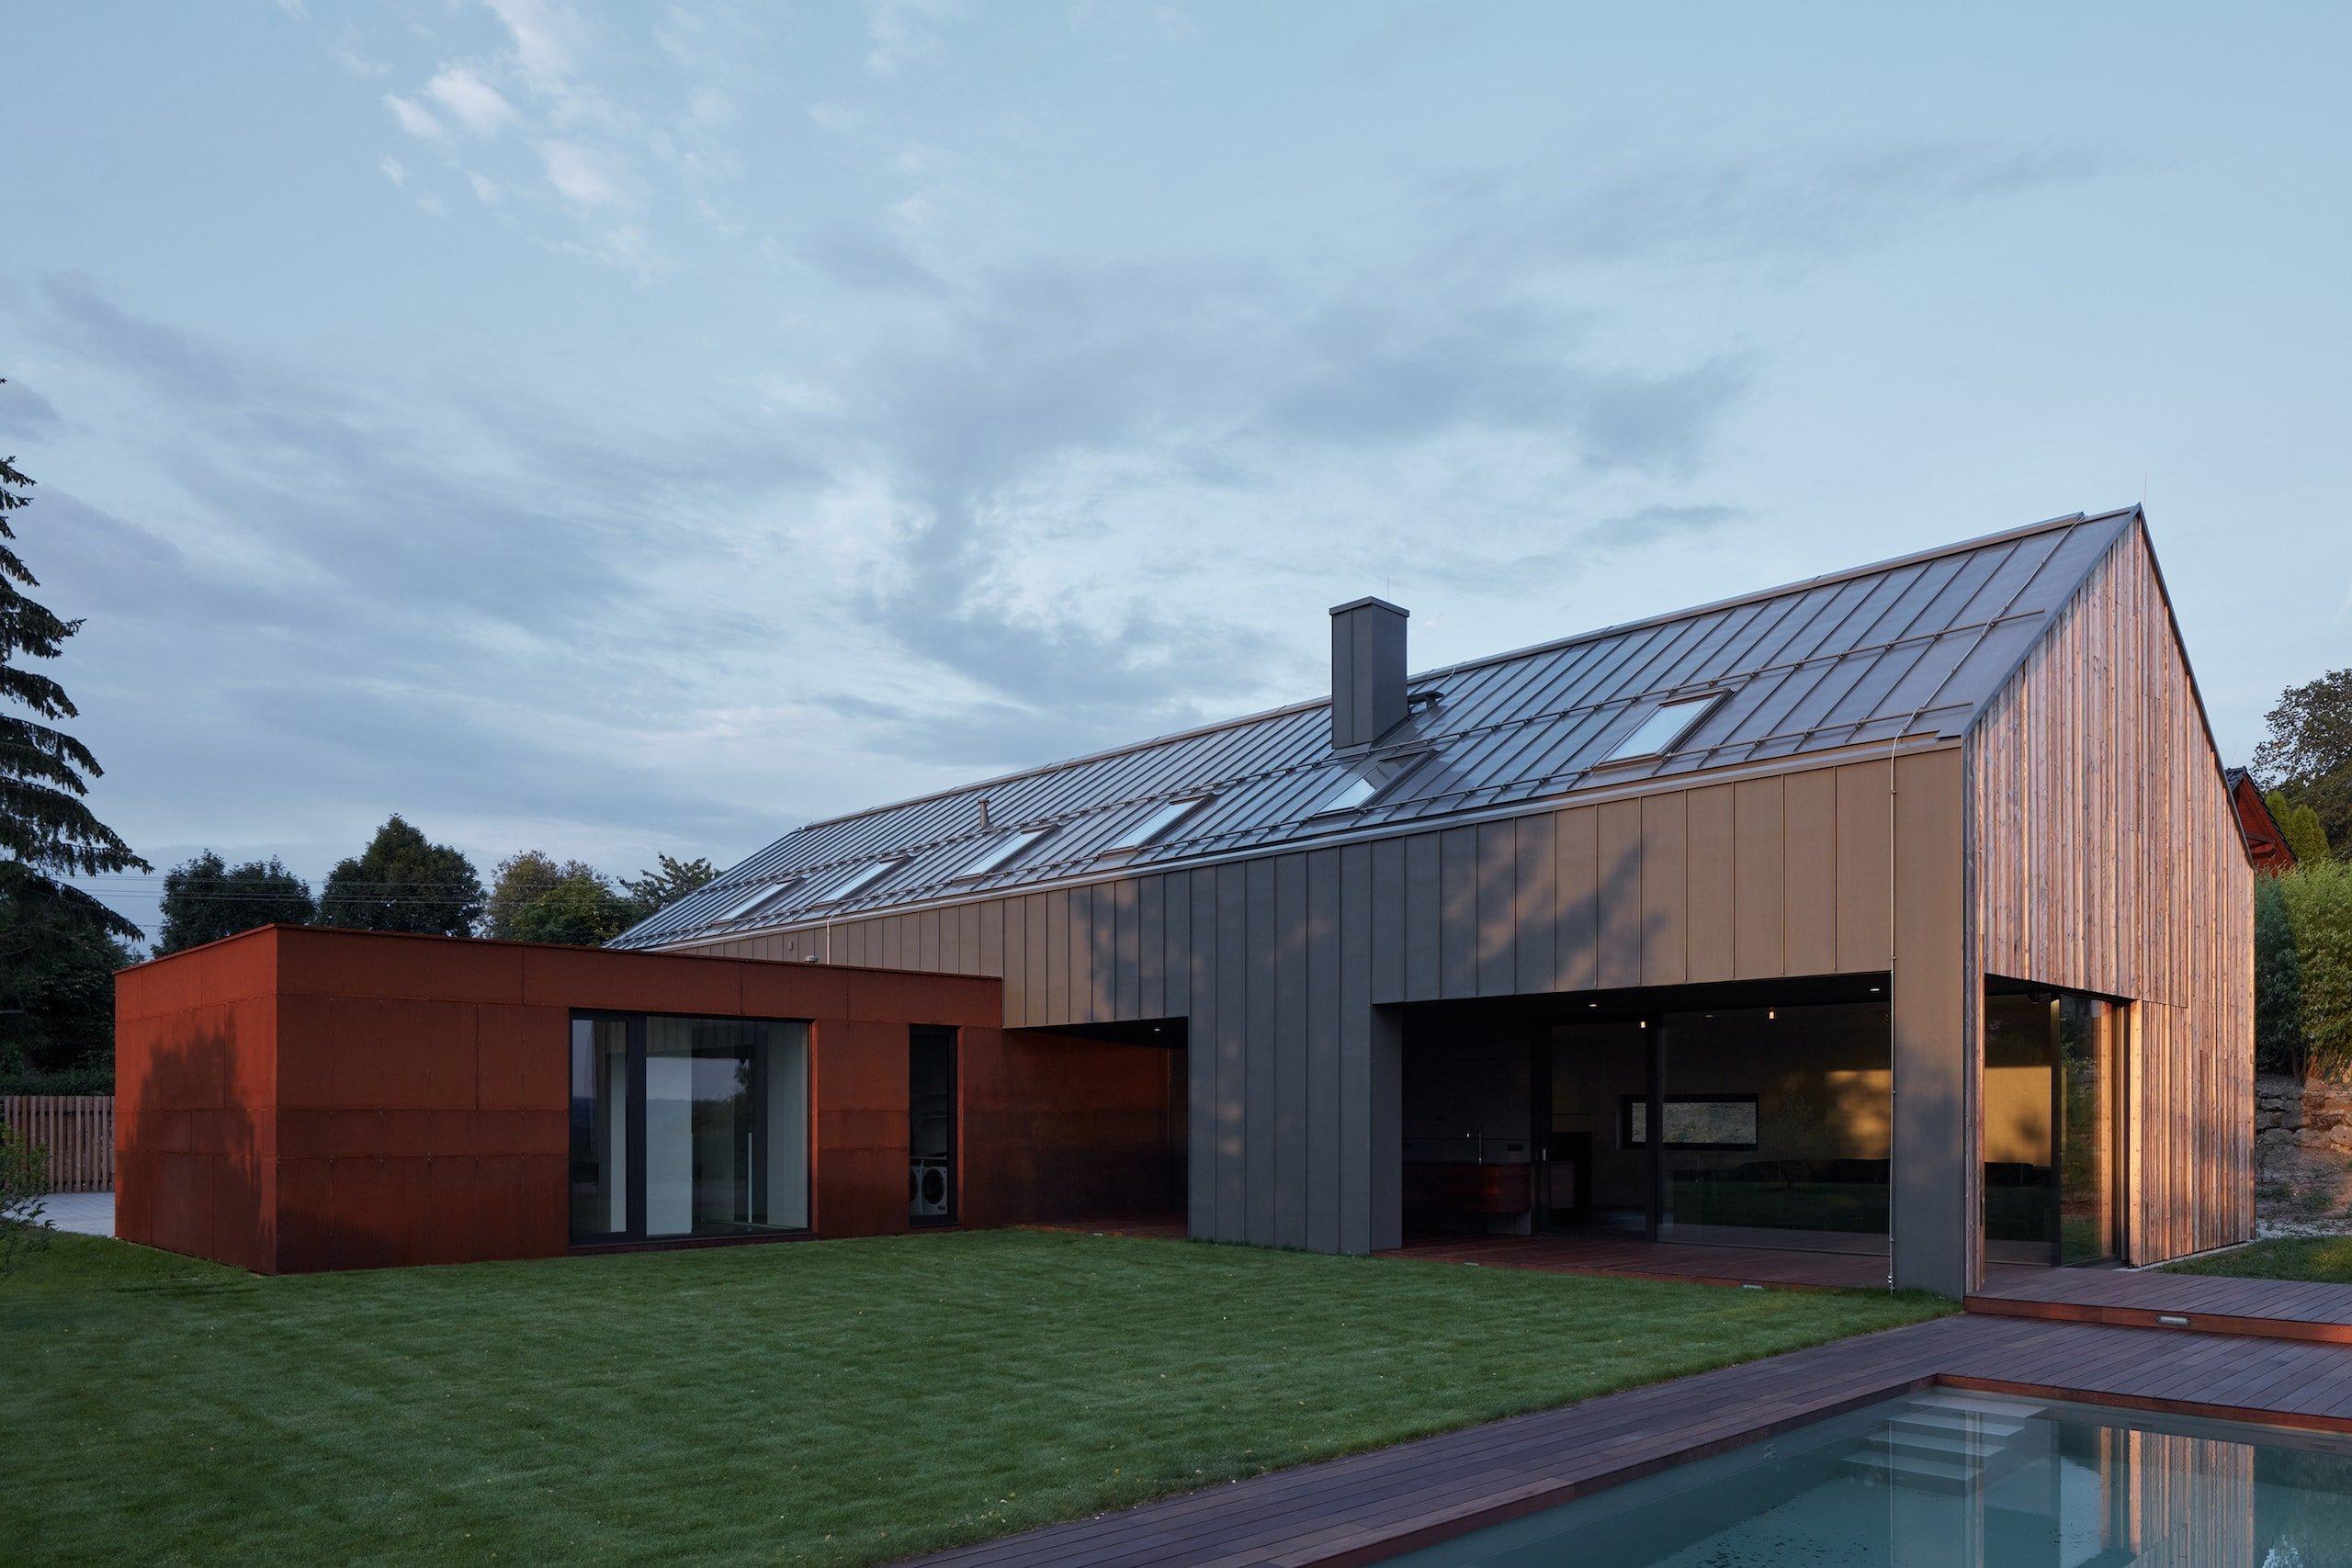 Dvoupodlažní stavba se šikmou střechou a dřevěnými štítovými stěnami čerpá z tradice regionu. Budovu zvenku definuje dřevo, zinkotitánový a kortenový plech. Trvanlivé povrchy byly zvoleny nejen pro minimální nároky na údržbu, ale také s ohledem na přirozené stárnutí a patinu v přírodním kontextu místa.